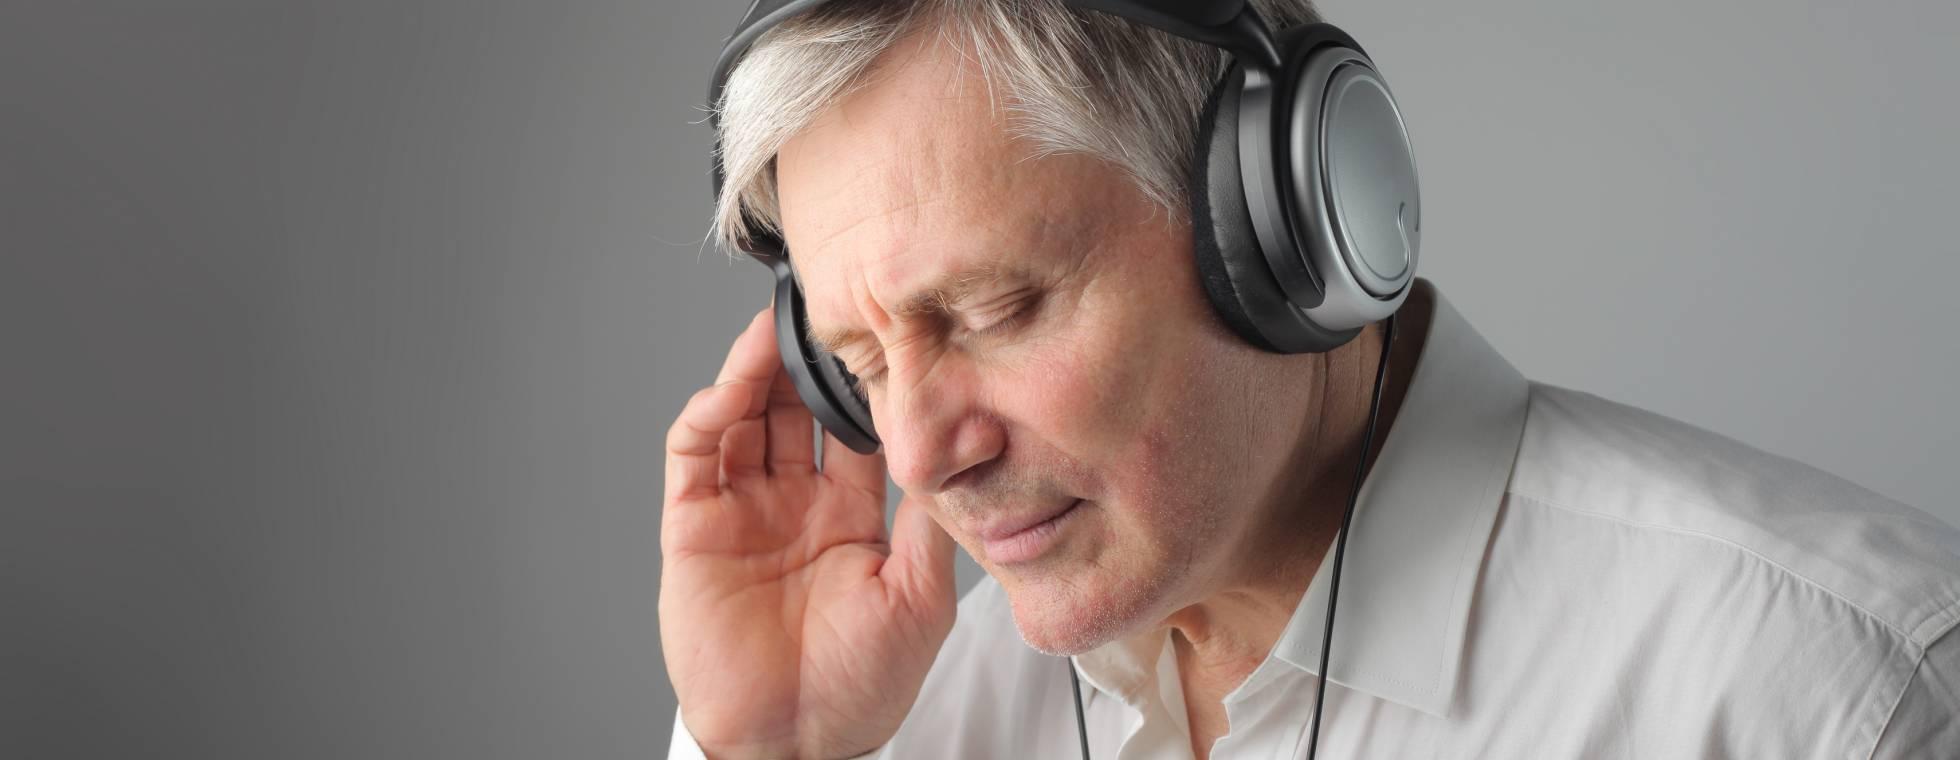 Mann mit geschlossenen Augen und Kopfhörern